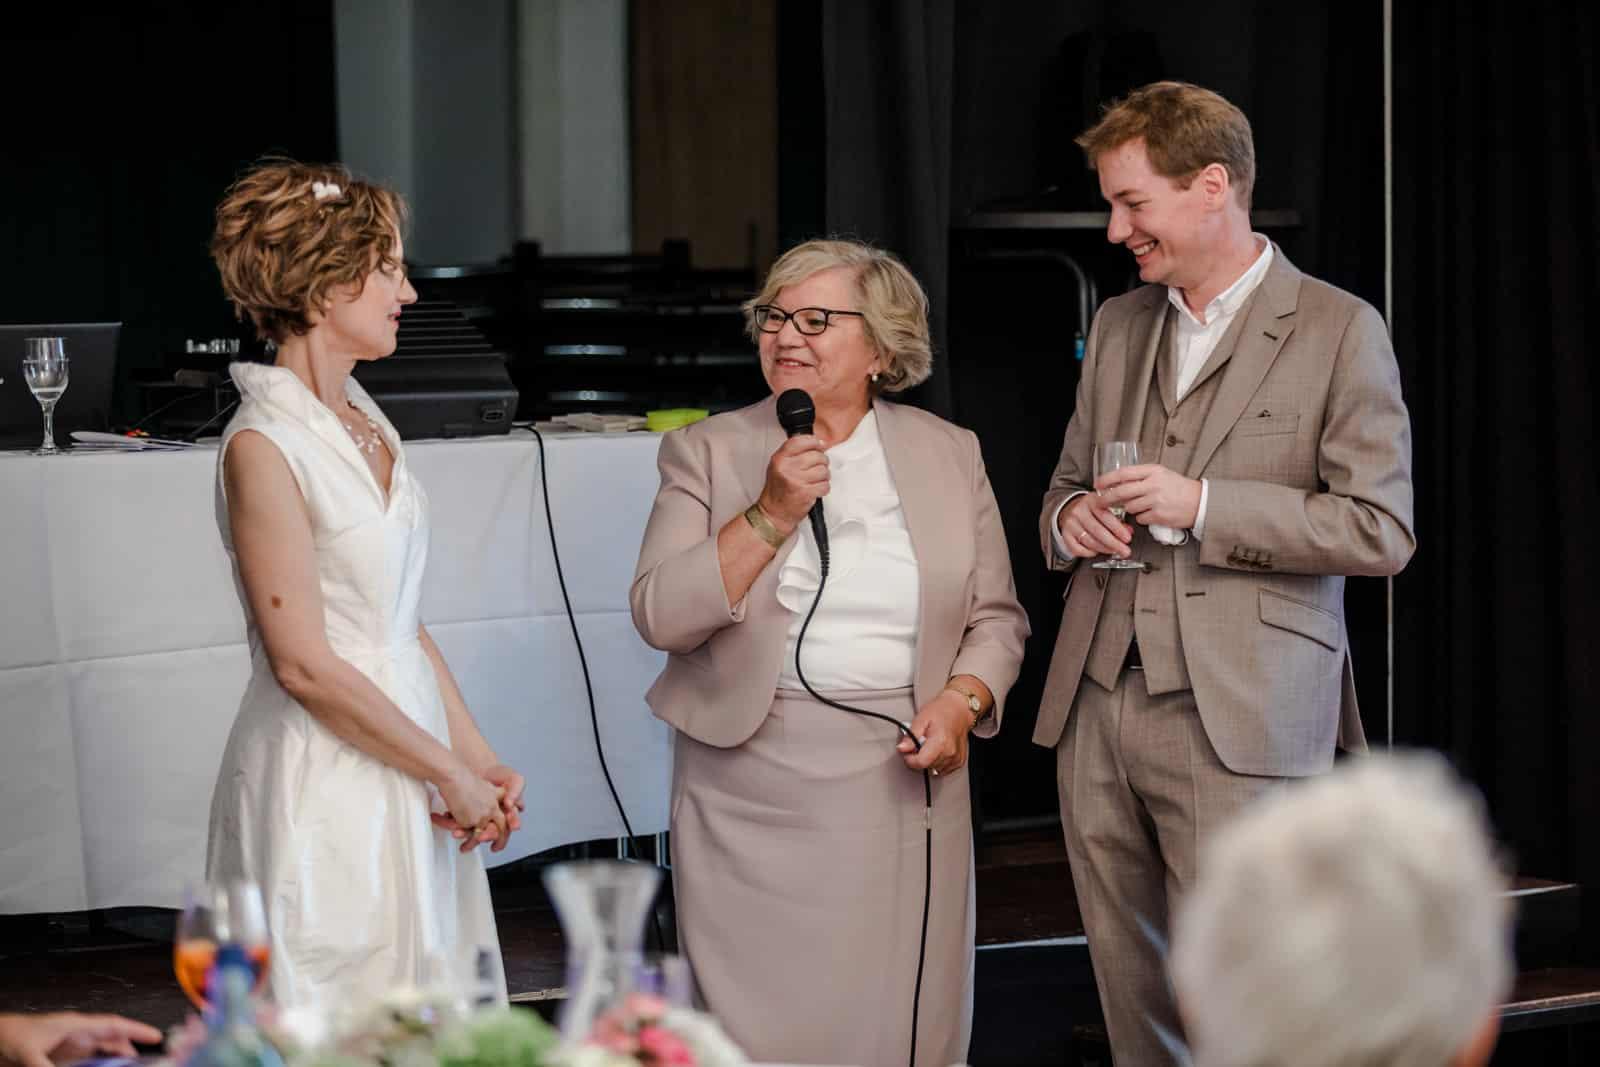 Brautmutter hält Hochzeitsrede zu ihrer Schwiegertochter und Mann lacht mit Glas in Hand im Prinz-Emil-Schlösschen in Darmstadt.